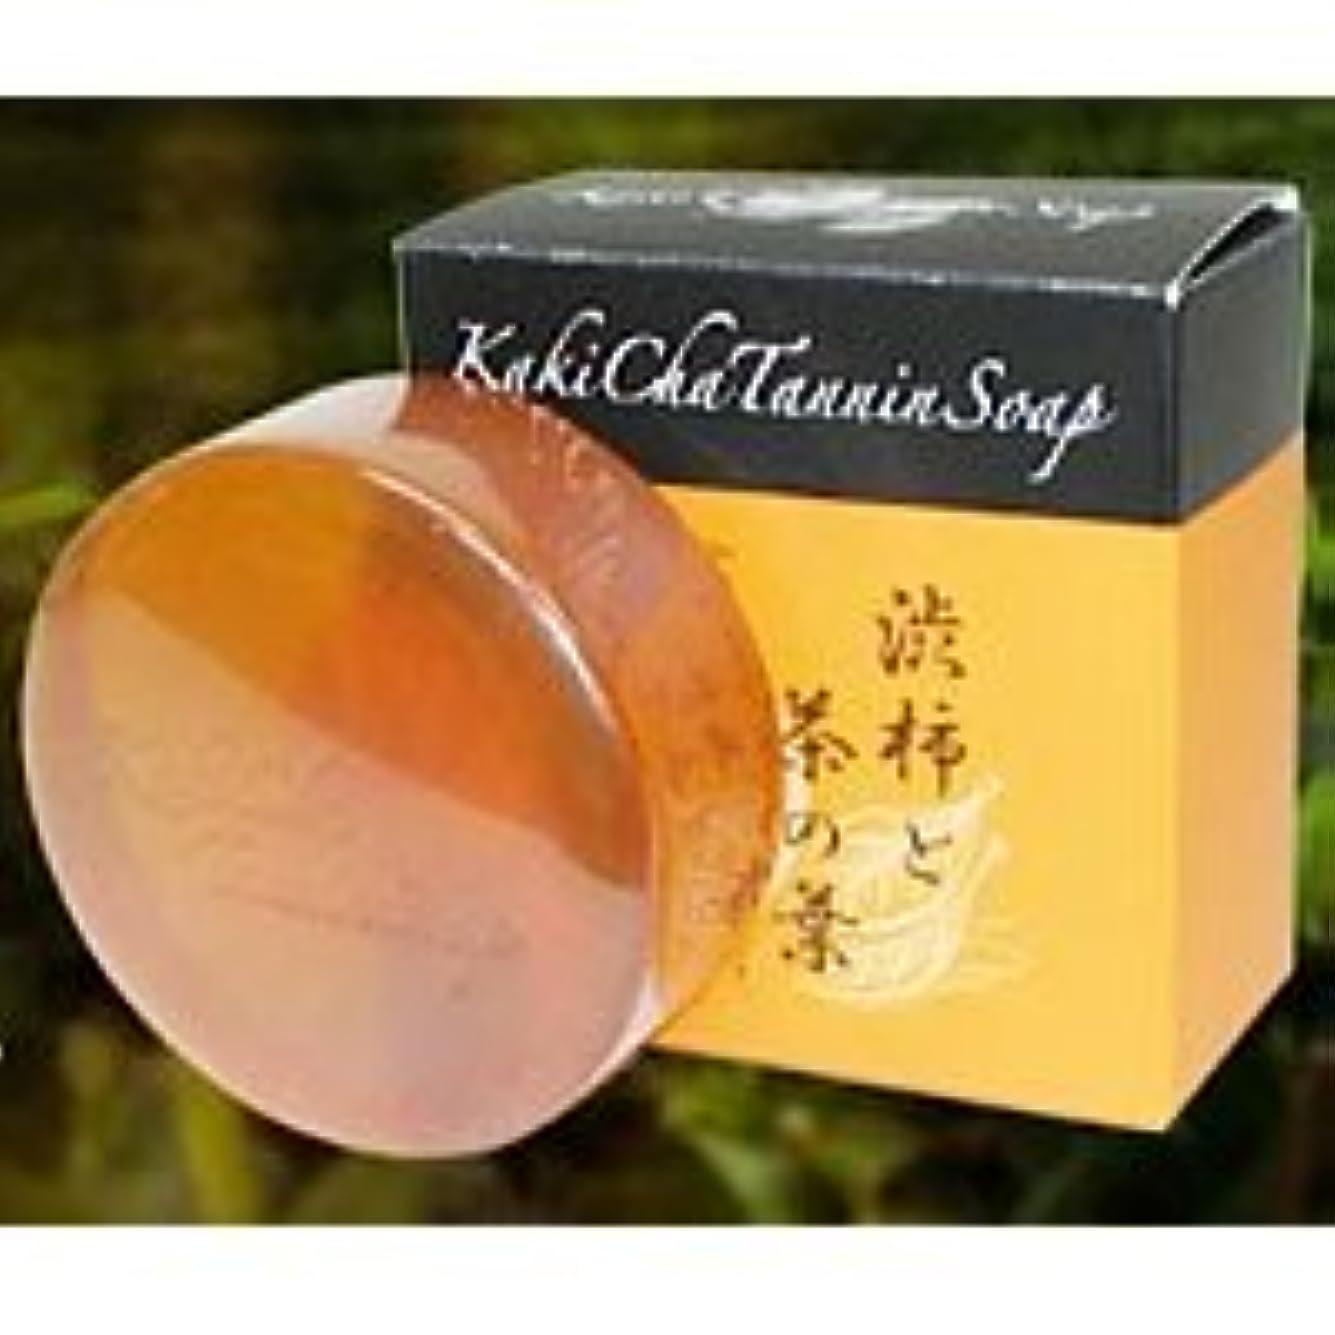 何求める熱意カキチャタンニンソープ 安心の日本製 カキチャタンニンソープ (マイルドクリアソープ) カキチャ タンニンソープ 柿渋ソープ